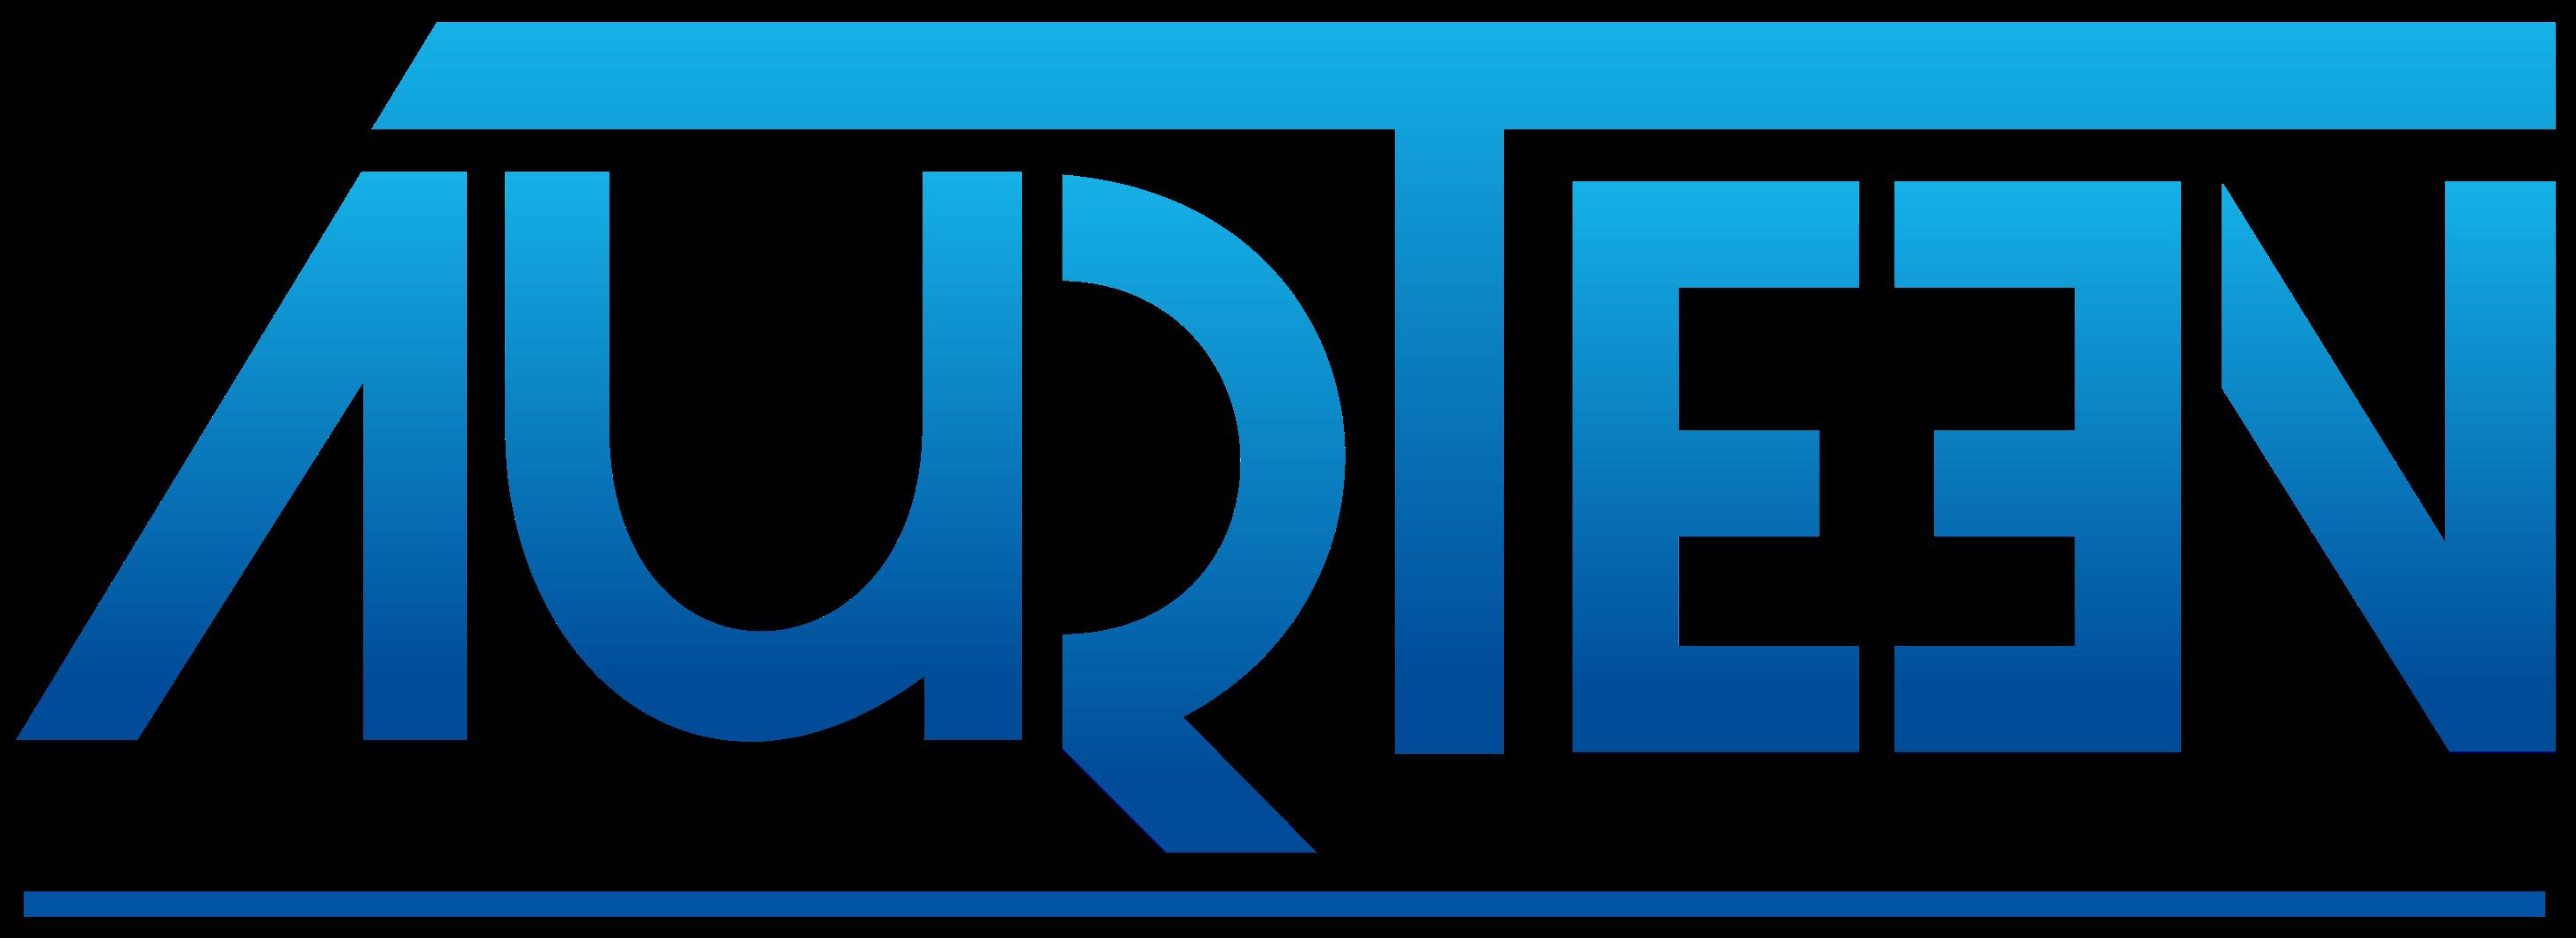 Aurteen logo